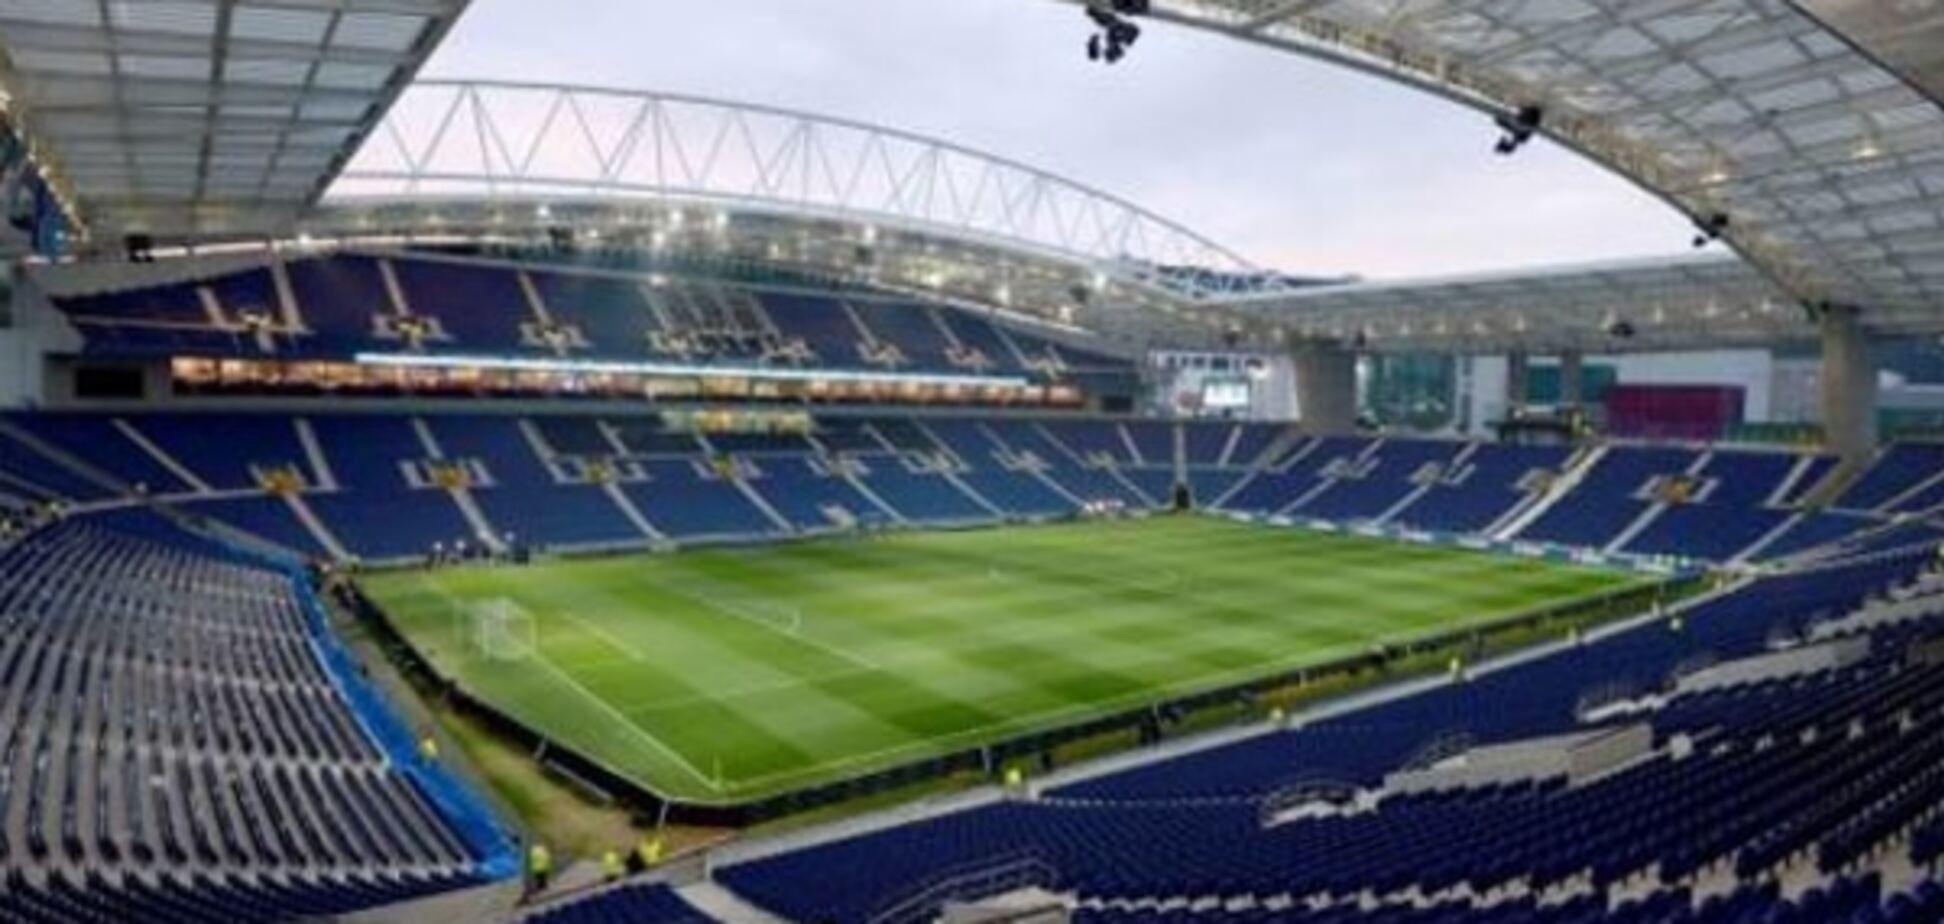 Порту - Динамо: где и почем купить билеты на матч Лиги чемпионов